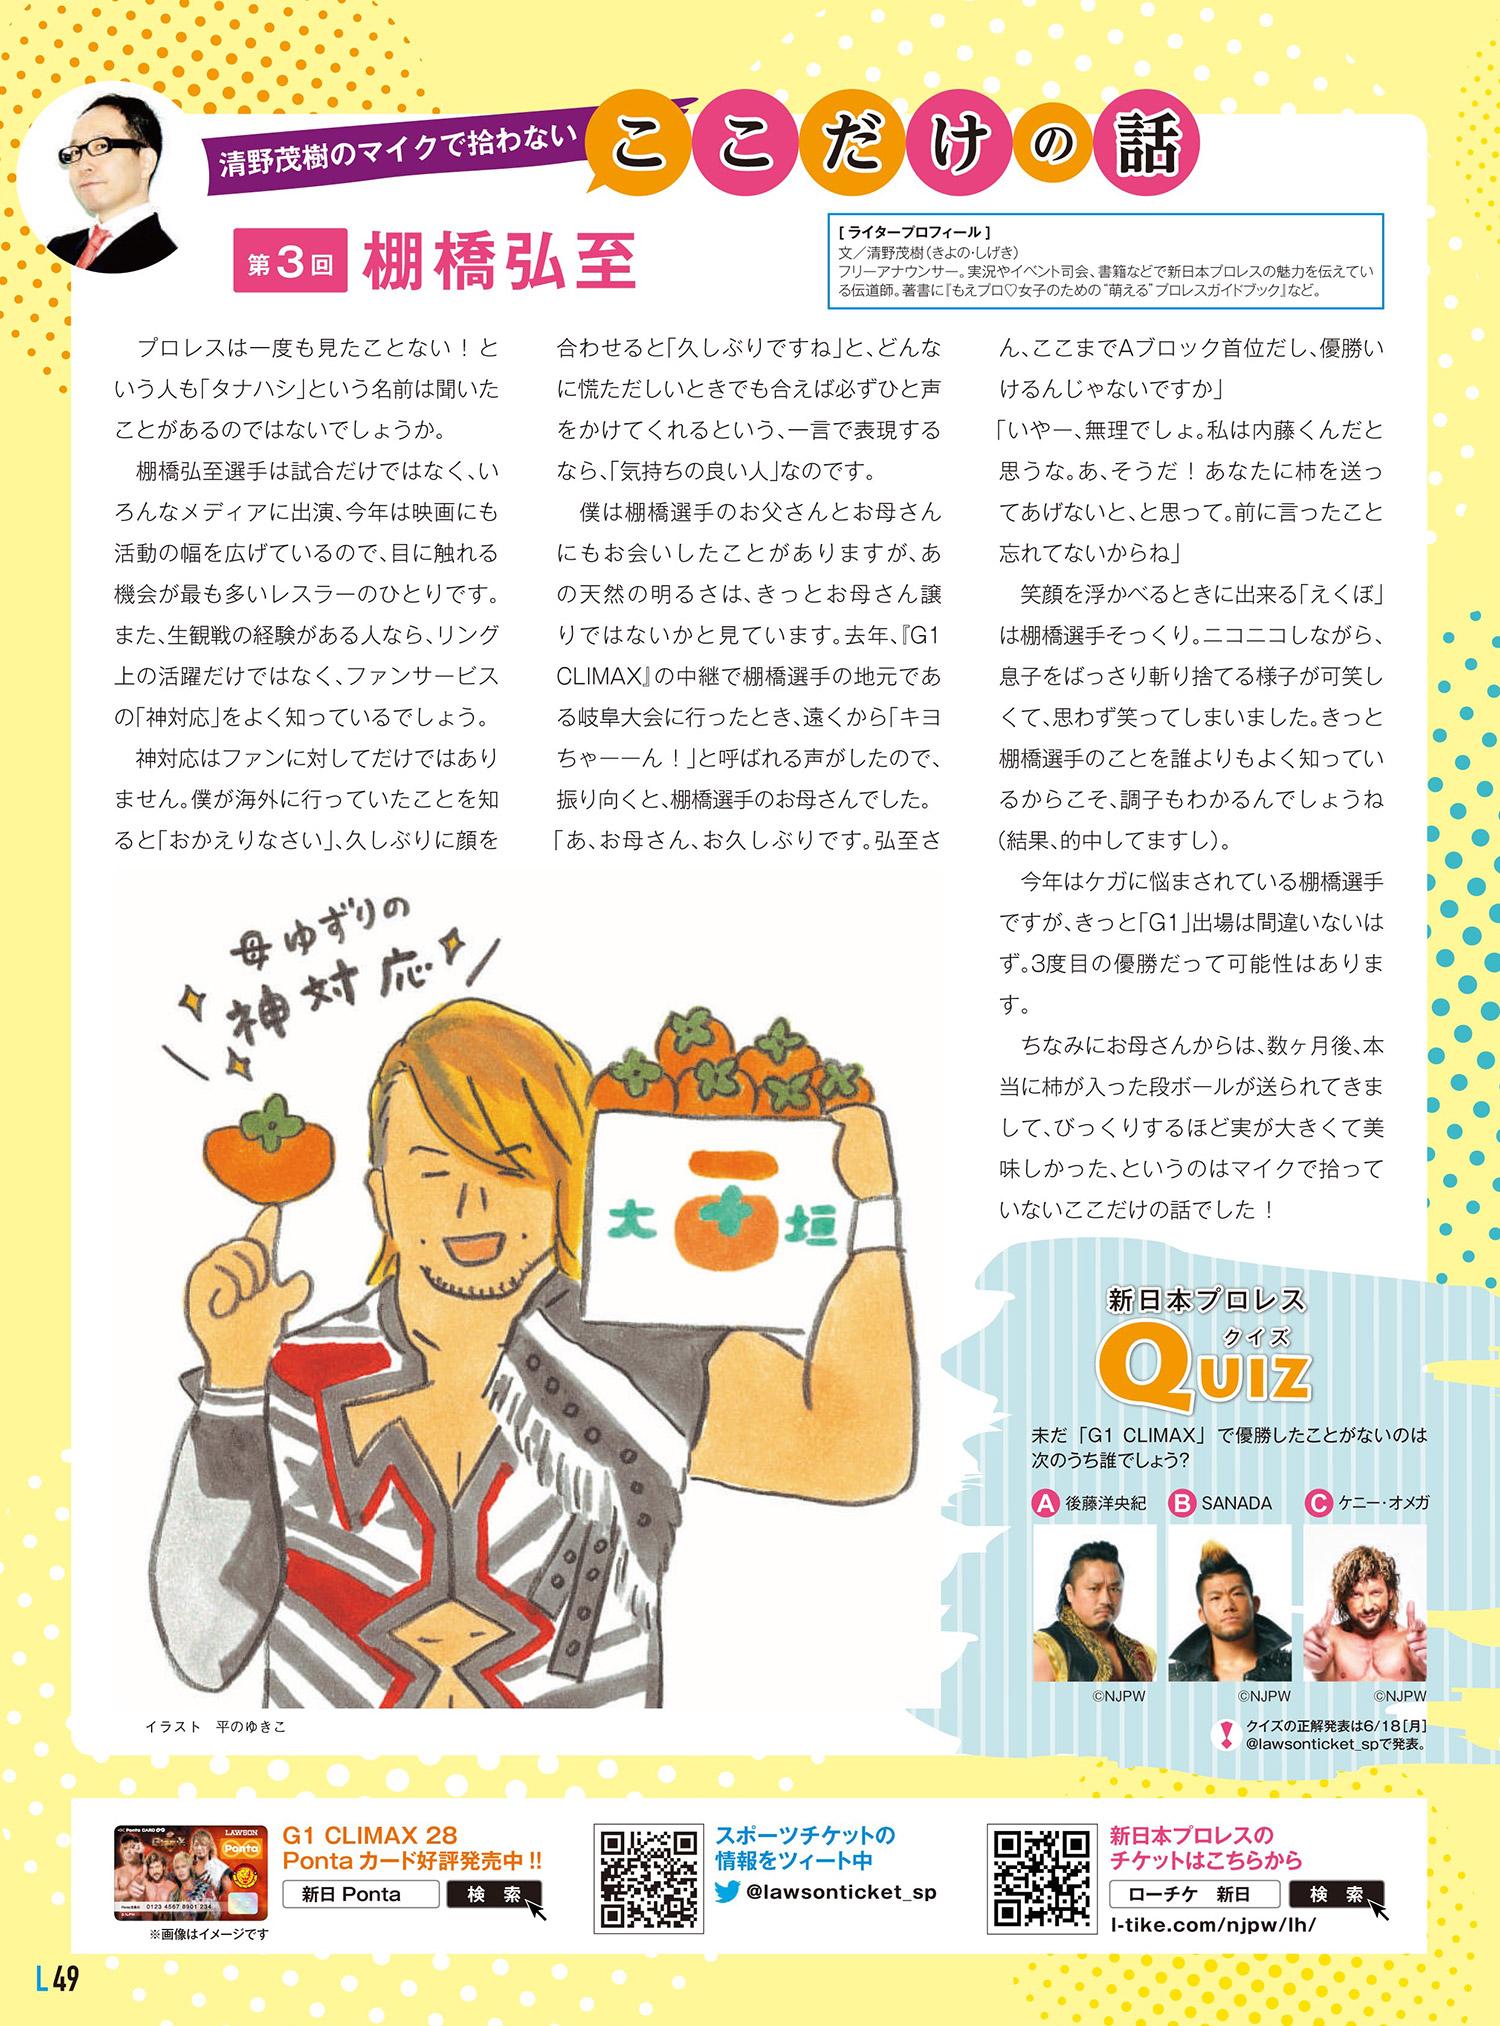 月刊ローチケ 6/15号